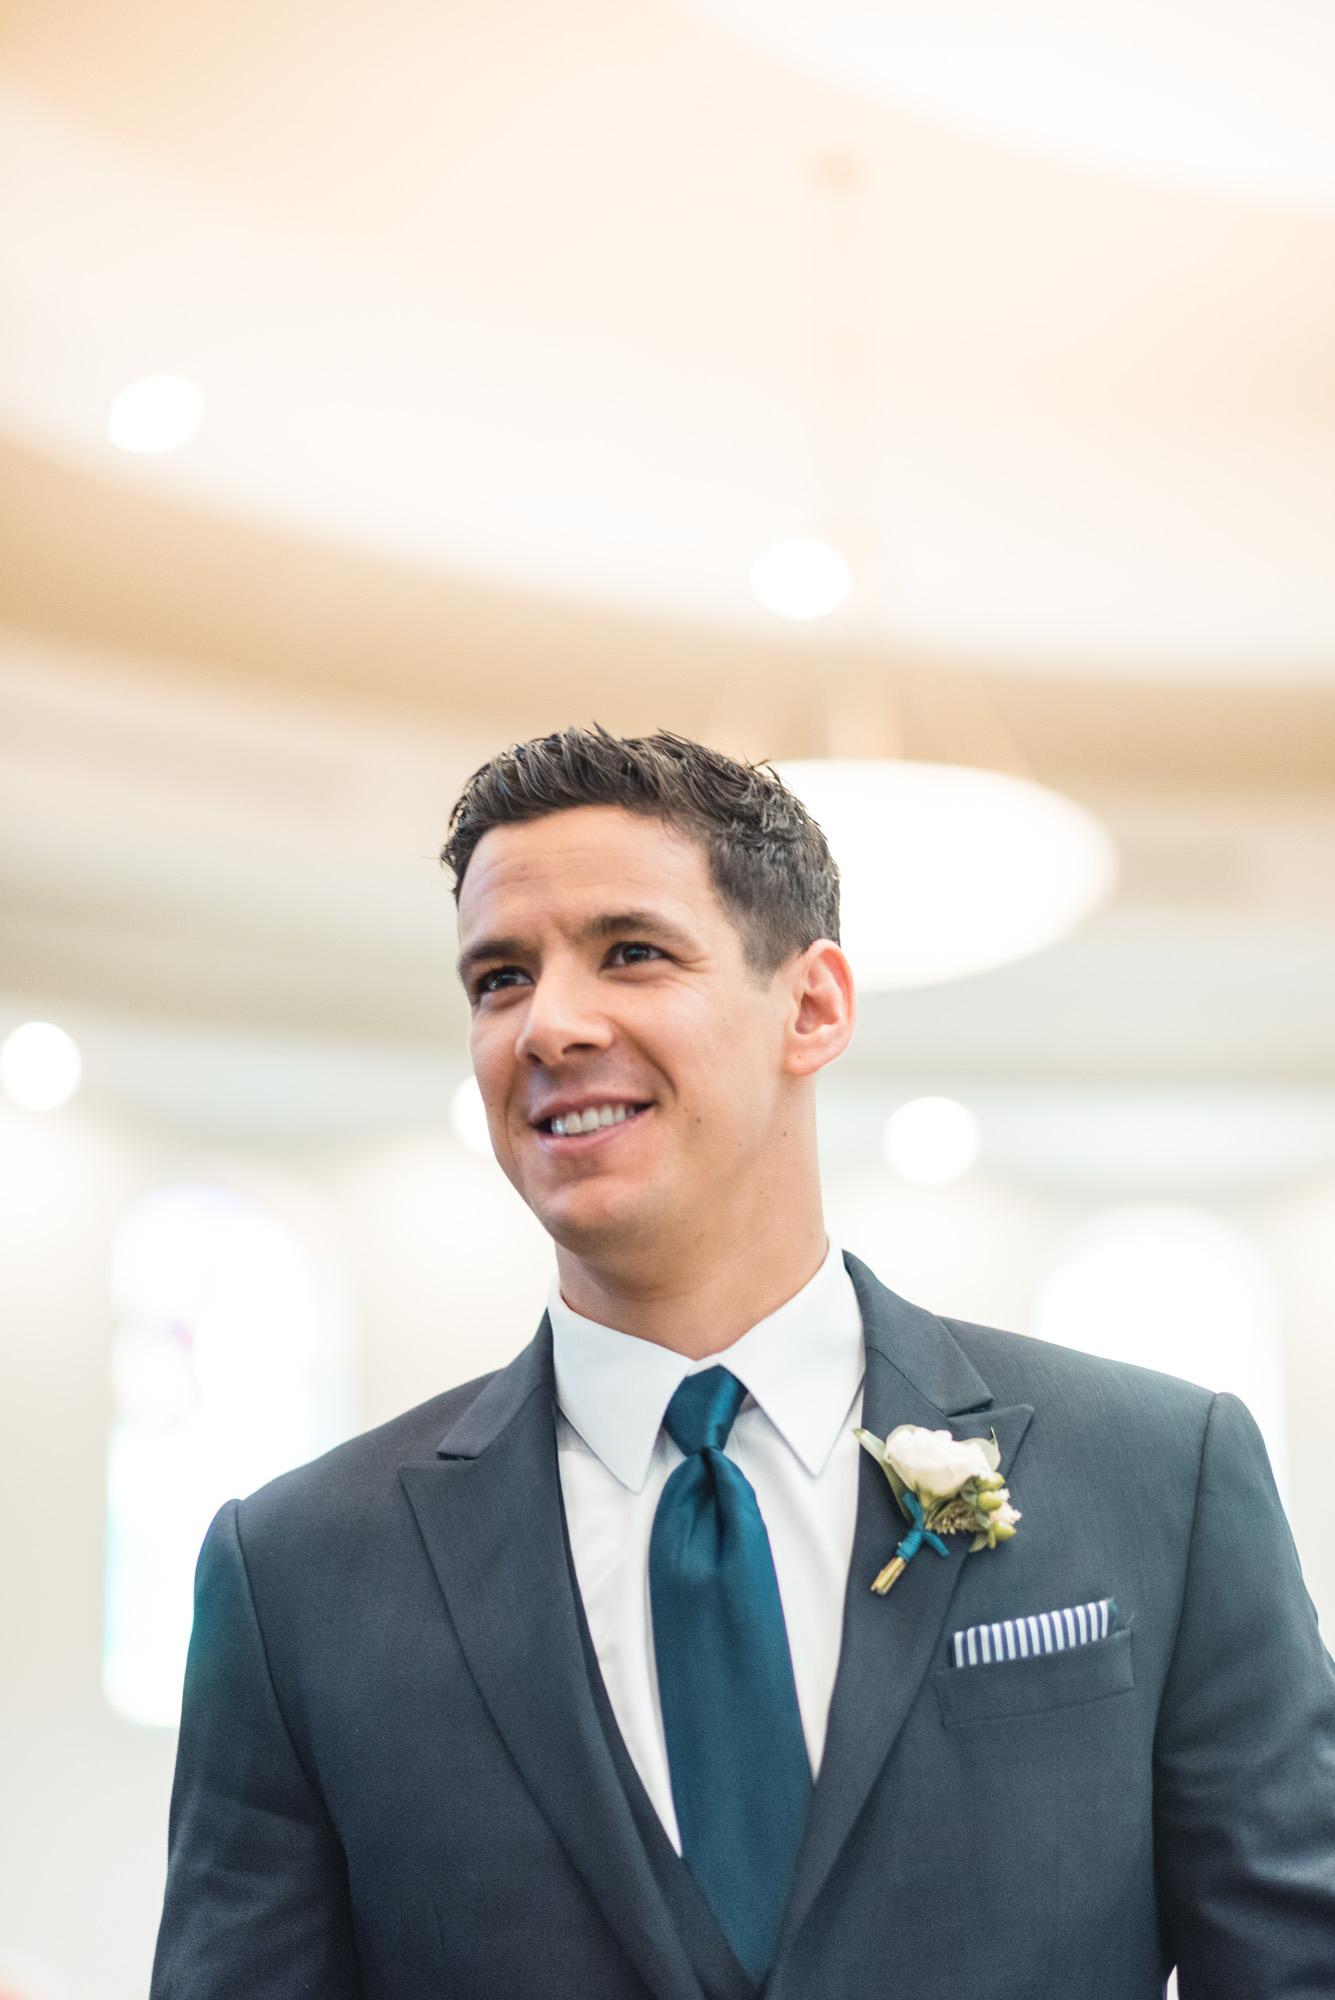 Groomsman at ceremony